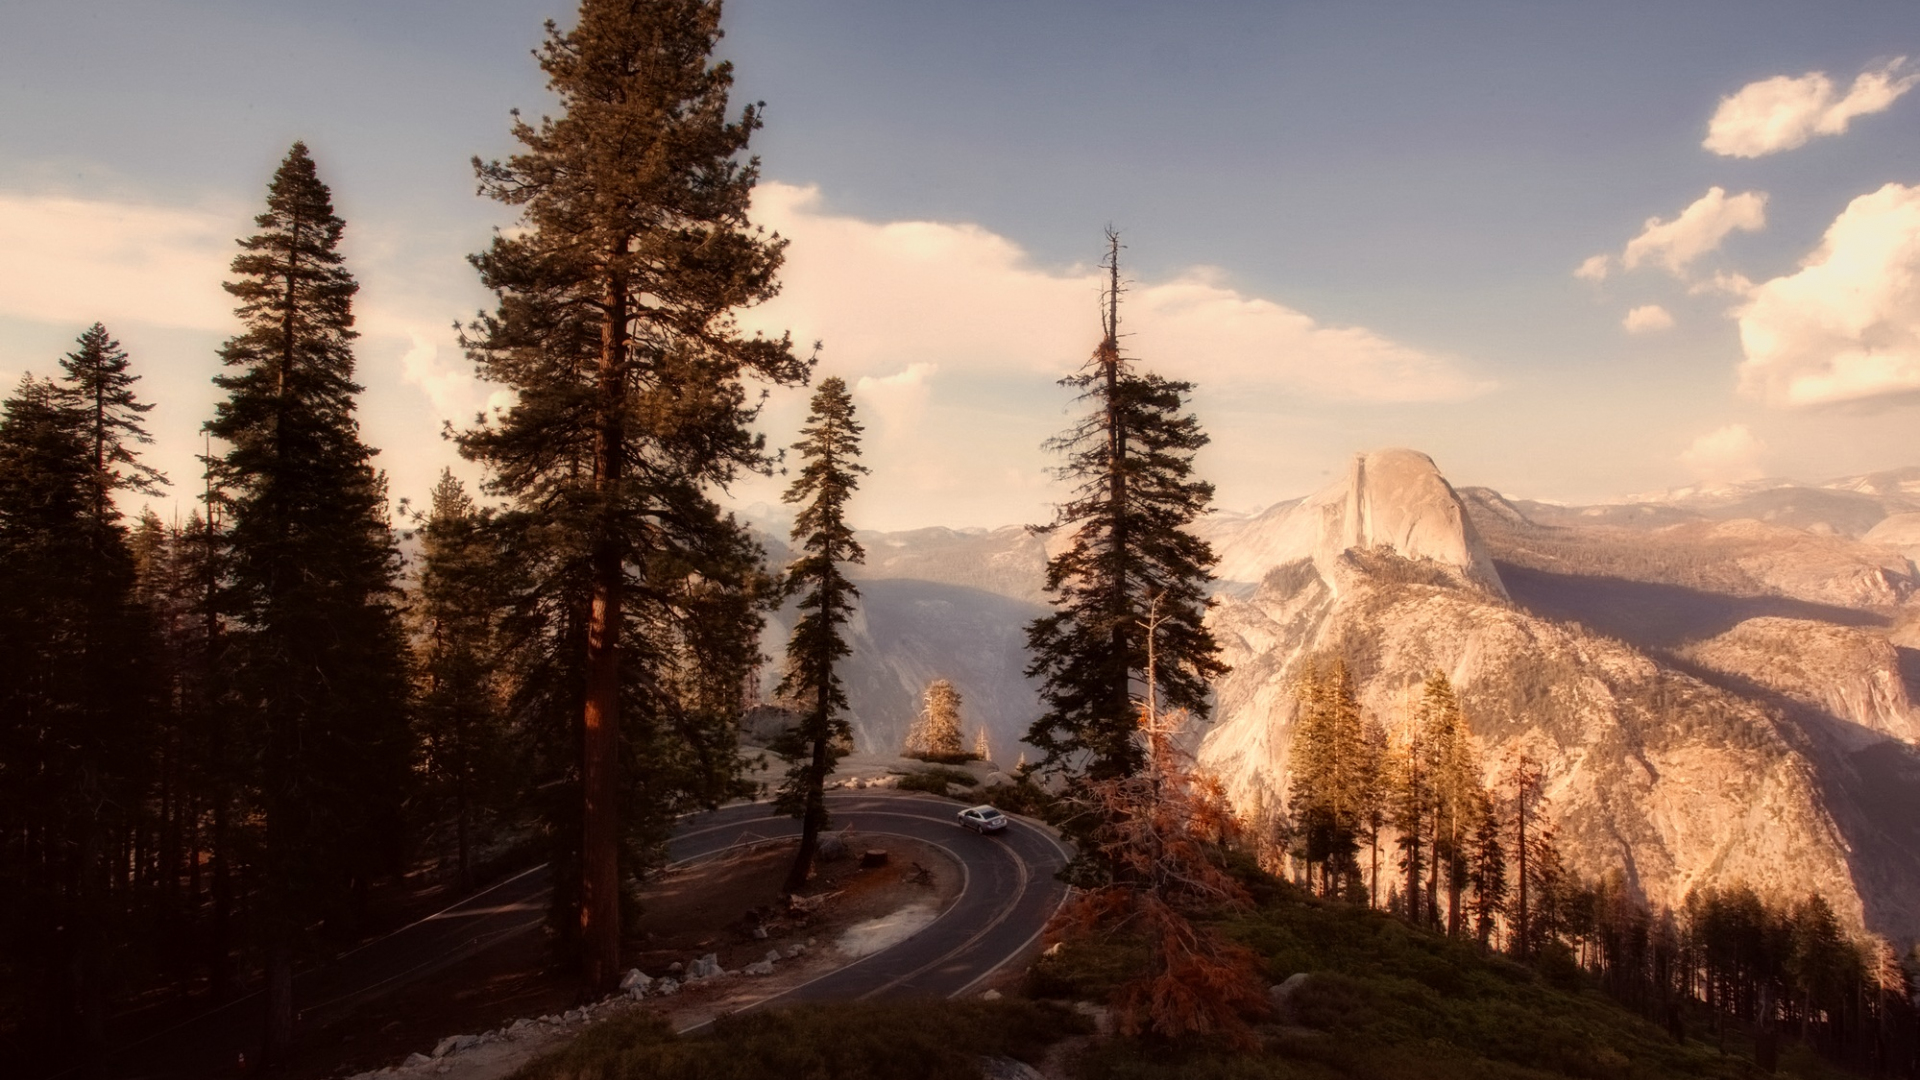 Download 1920x1080 Wallpaper Yosemite National Park Road